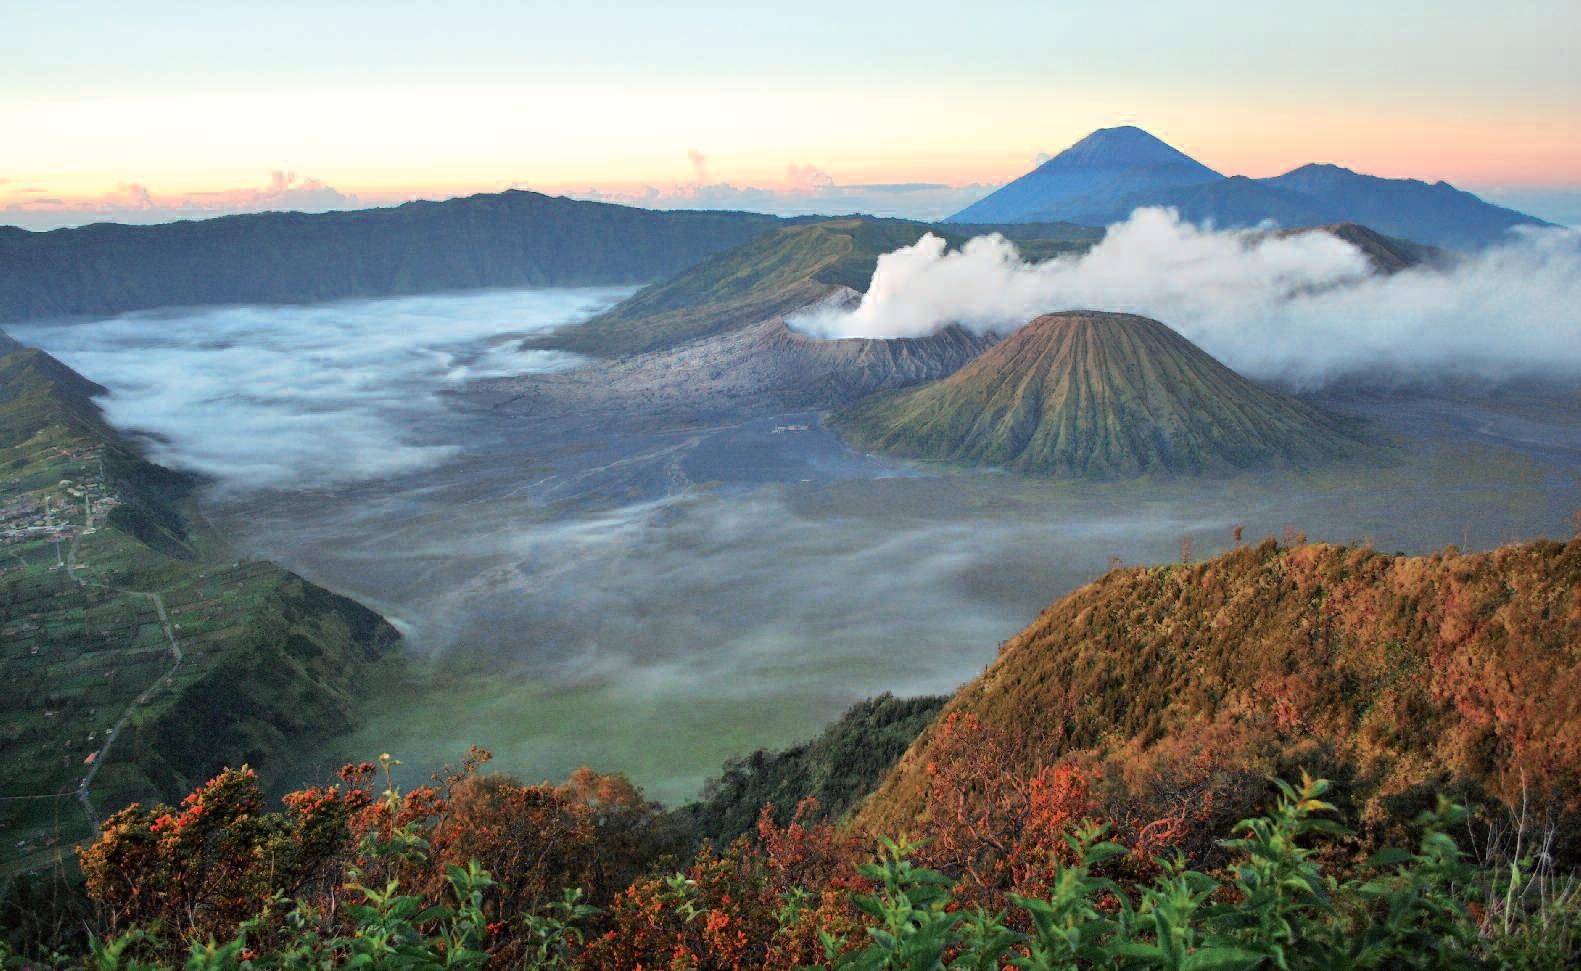 Okolí sopky Bromo je nejfotografovanější přírodní scenérií Indonésie.